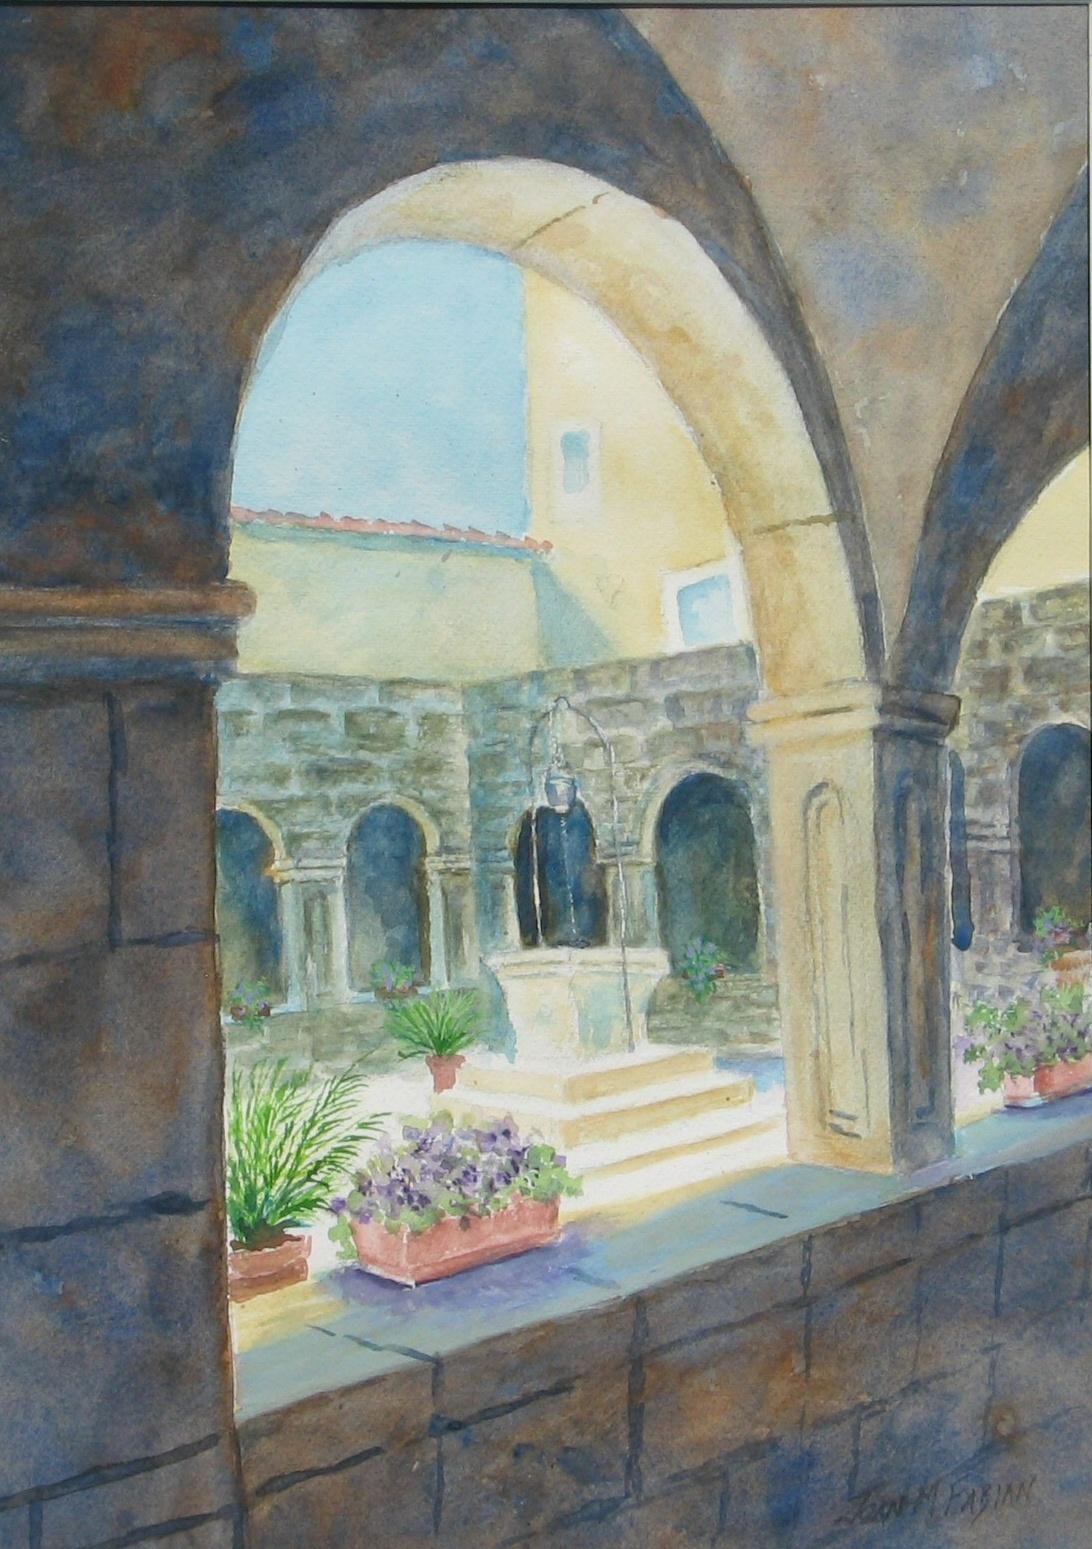 Abbey vpp2u8